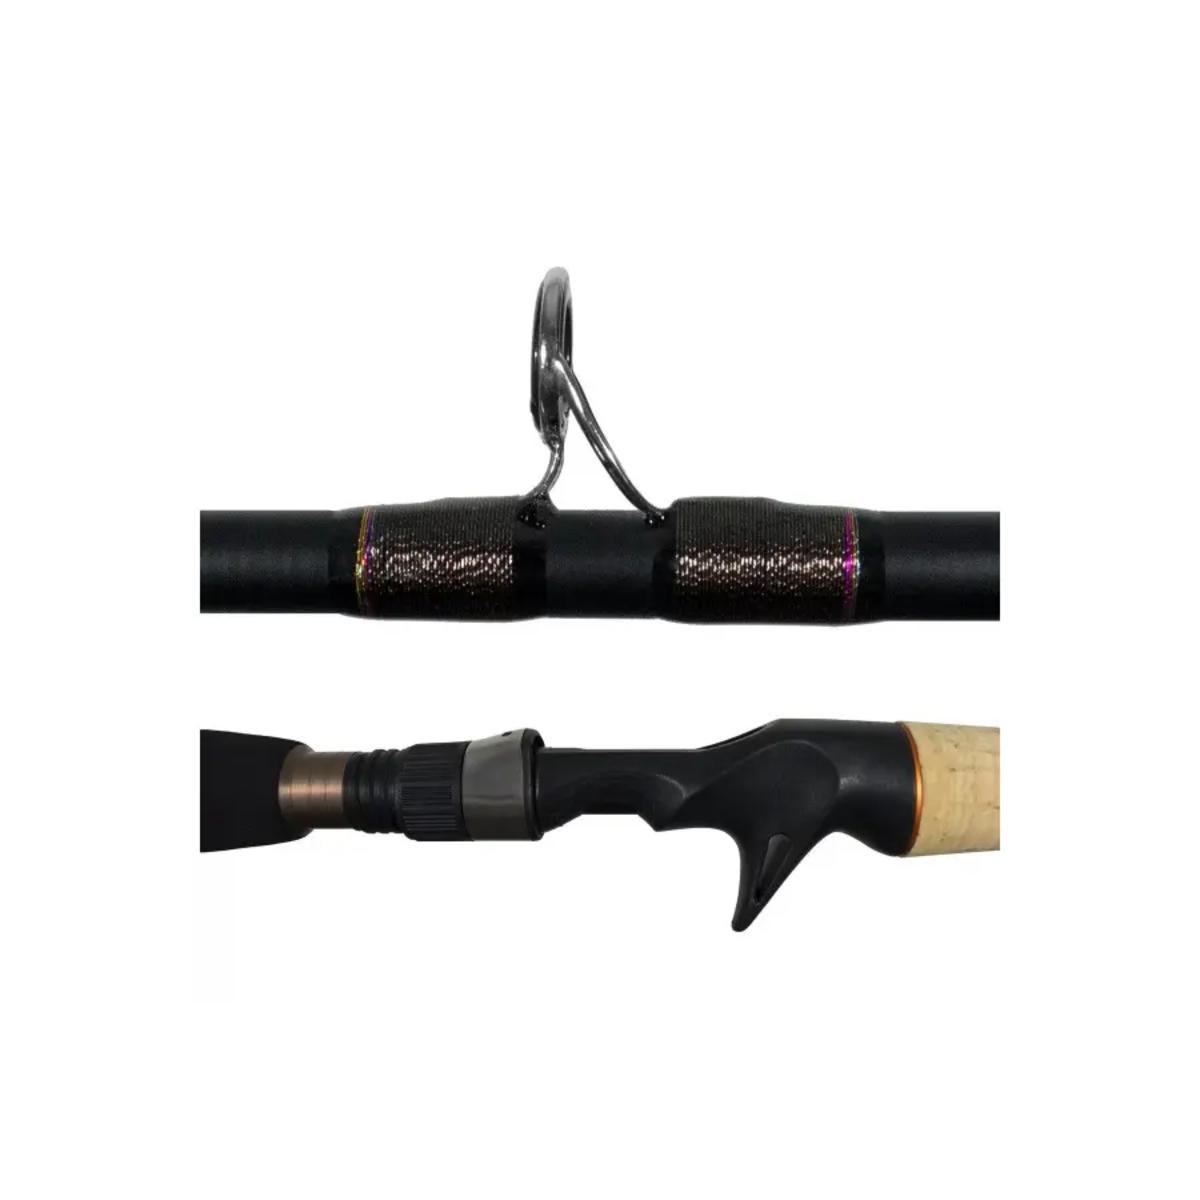 Vara Lumis Virotty 602 (1,83m) 7-16lb 2 Partes Carretilha  - Pesca Adventure